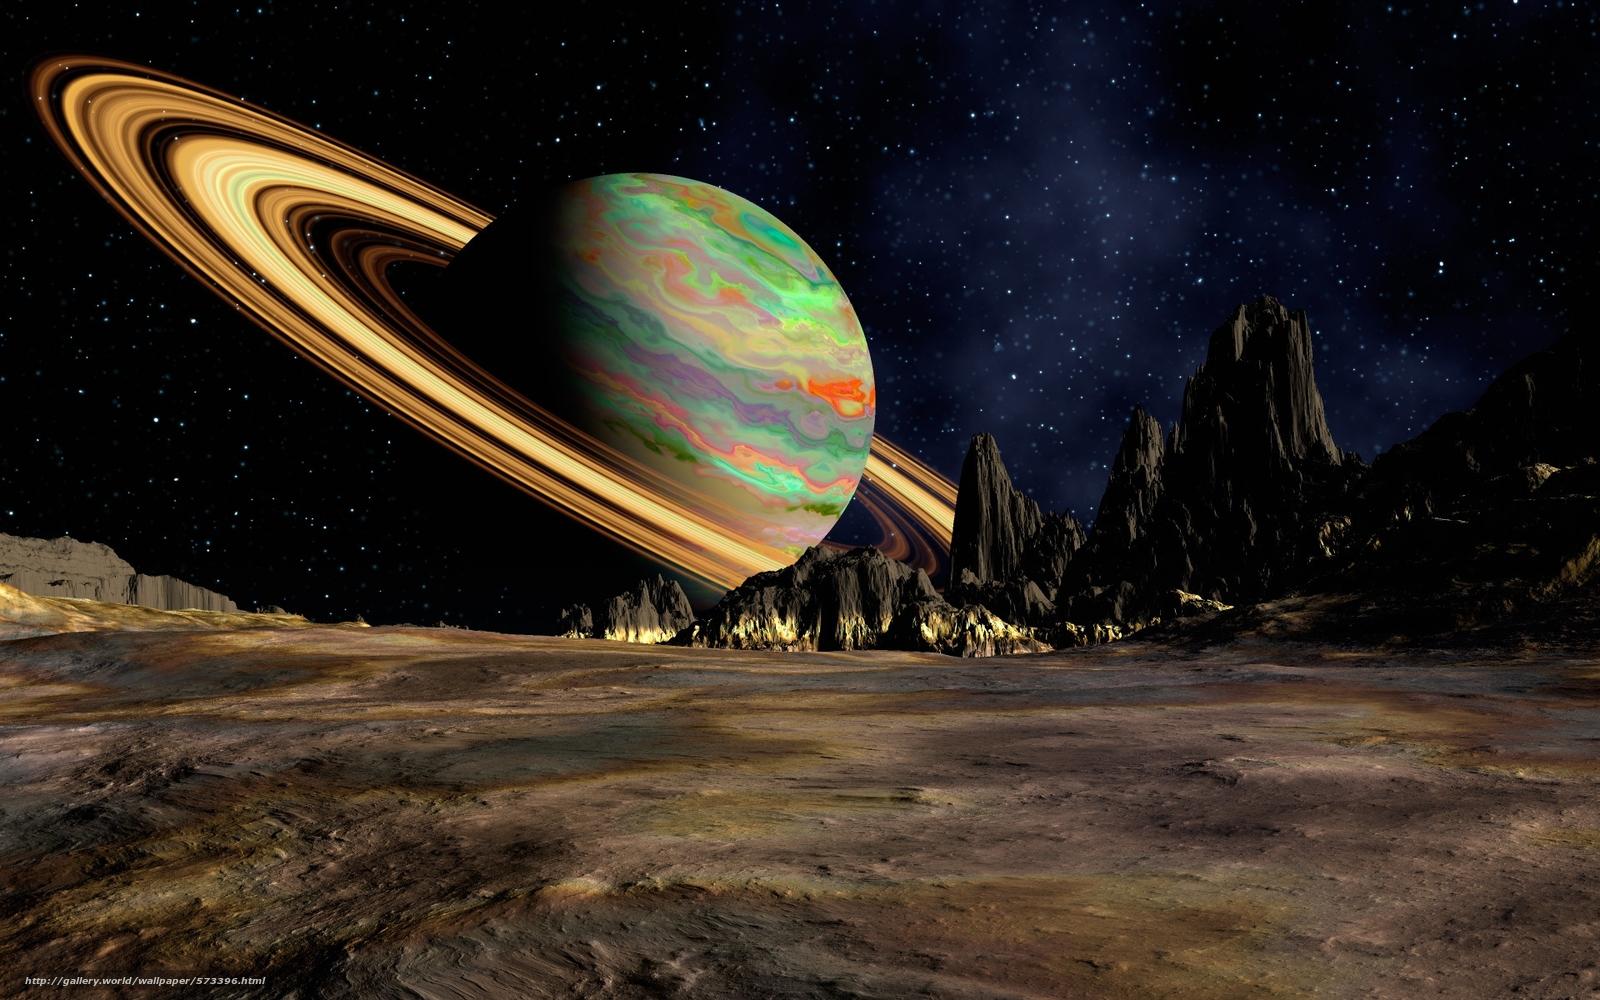 Tapete Planet, Saturn, Planeten, Stern, Weltraum №573396 / Abschnitt ...